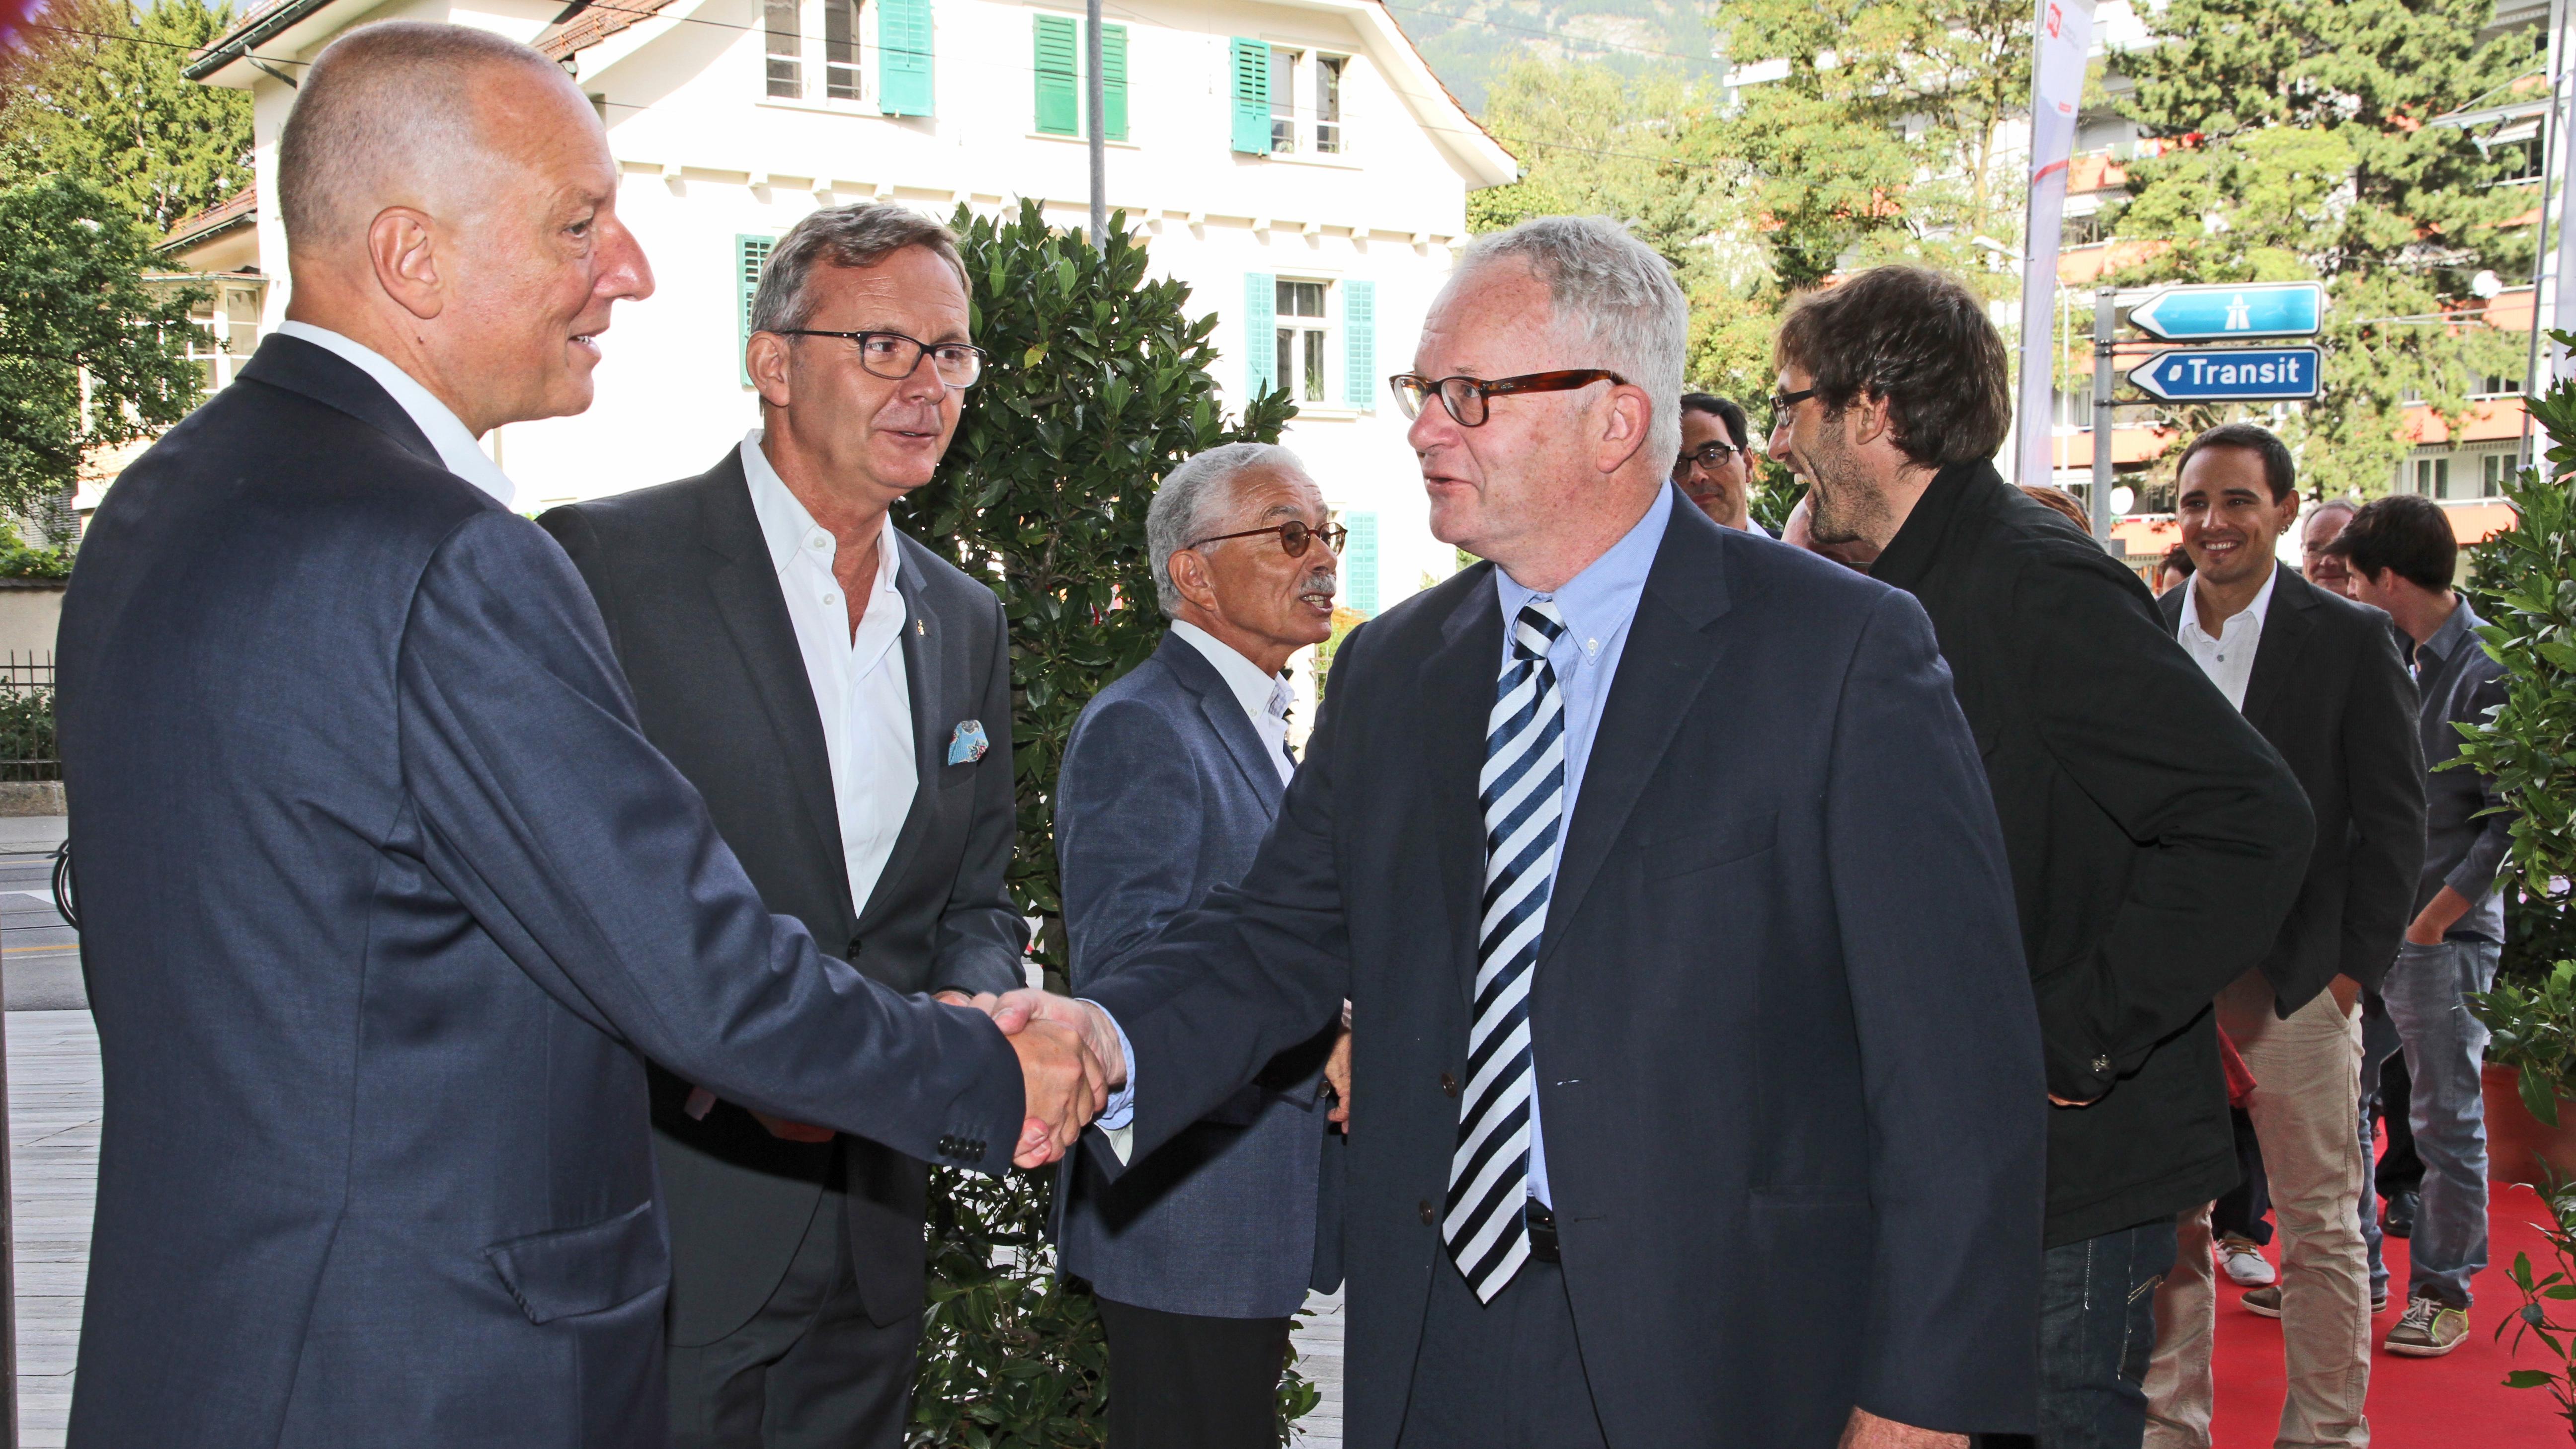 Roger de Weck, il directur da la SSR, Mariano Tschuor, il directur da RTR ed Oscar Knapp, il president da la SRG.R beneventan ils giasts.